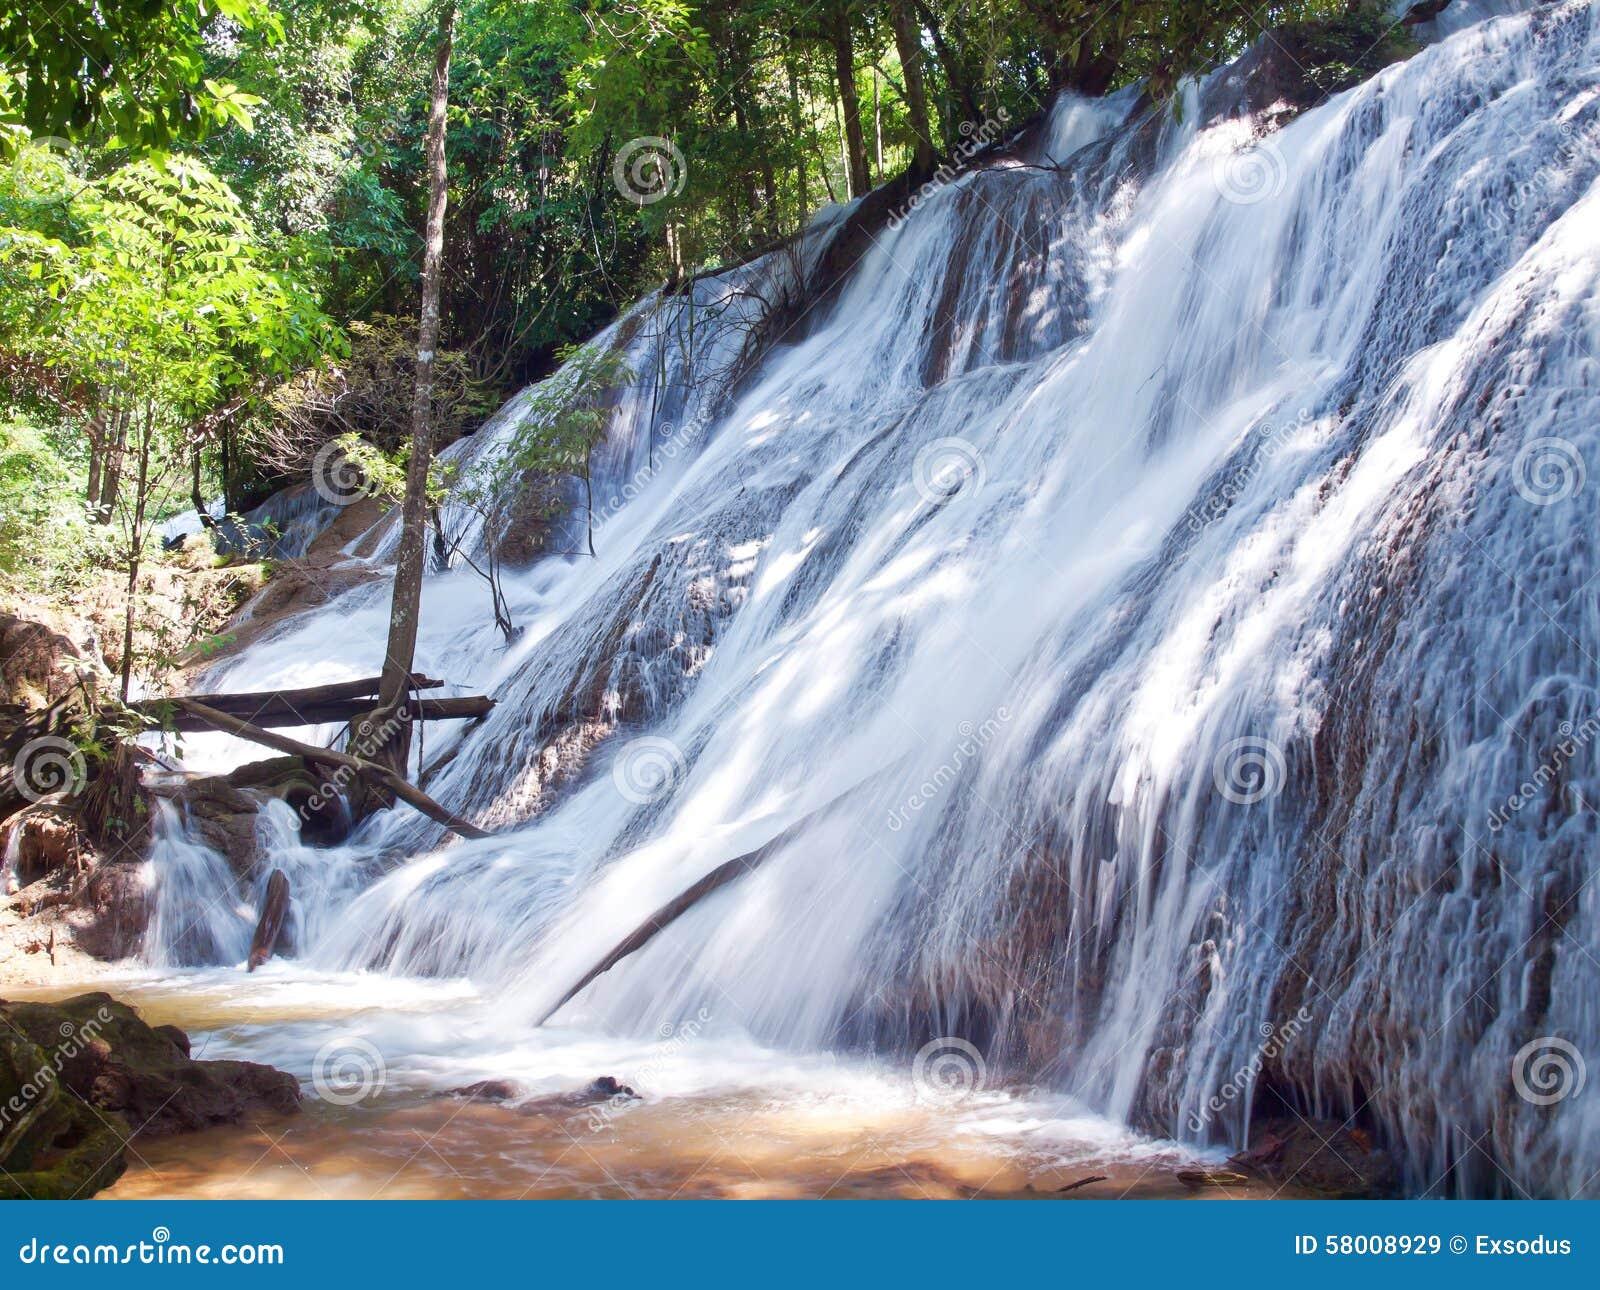 wiki khuean srinagarindra national park